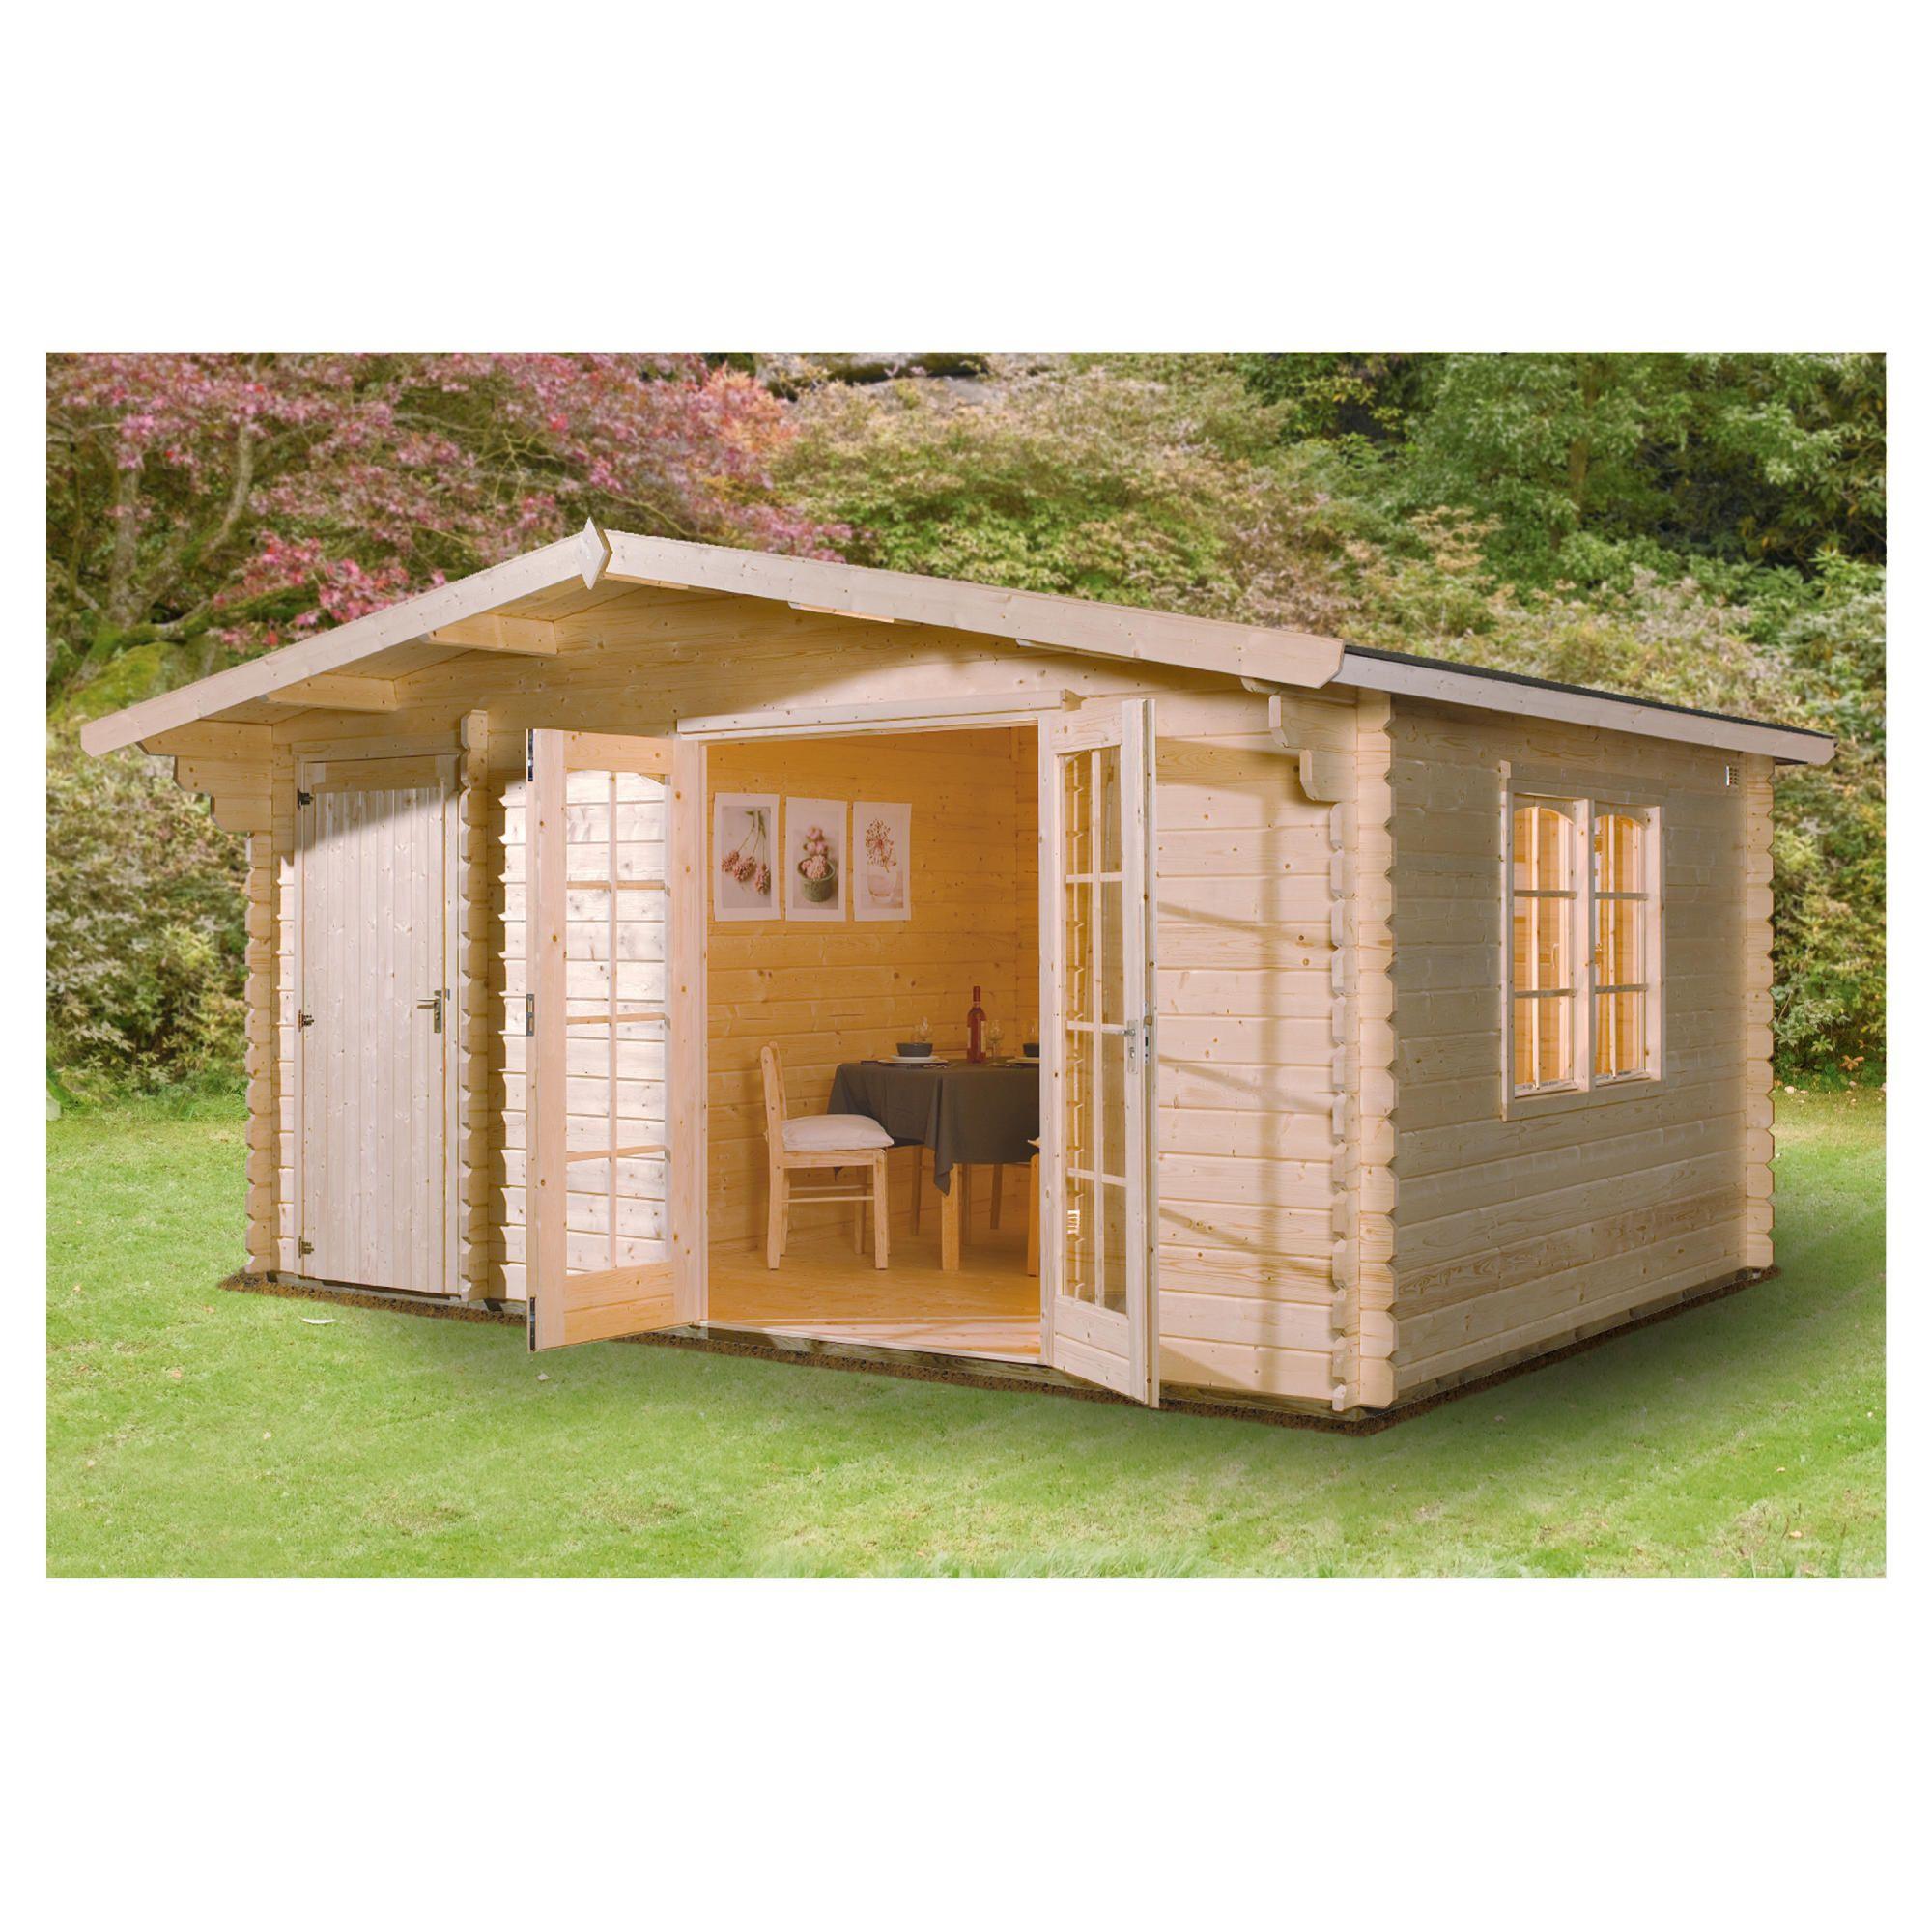 Finnlife Talo 210 Log Cabin at Tesco Direct